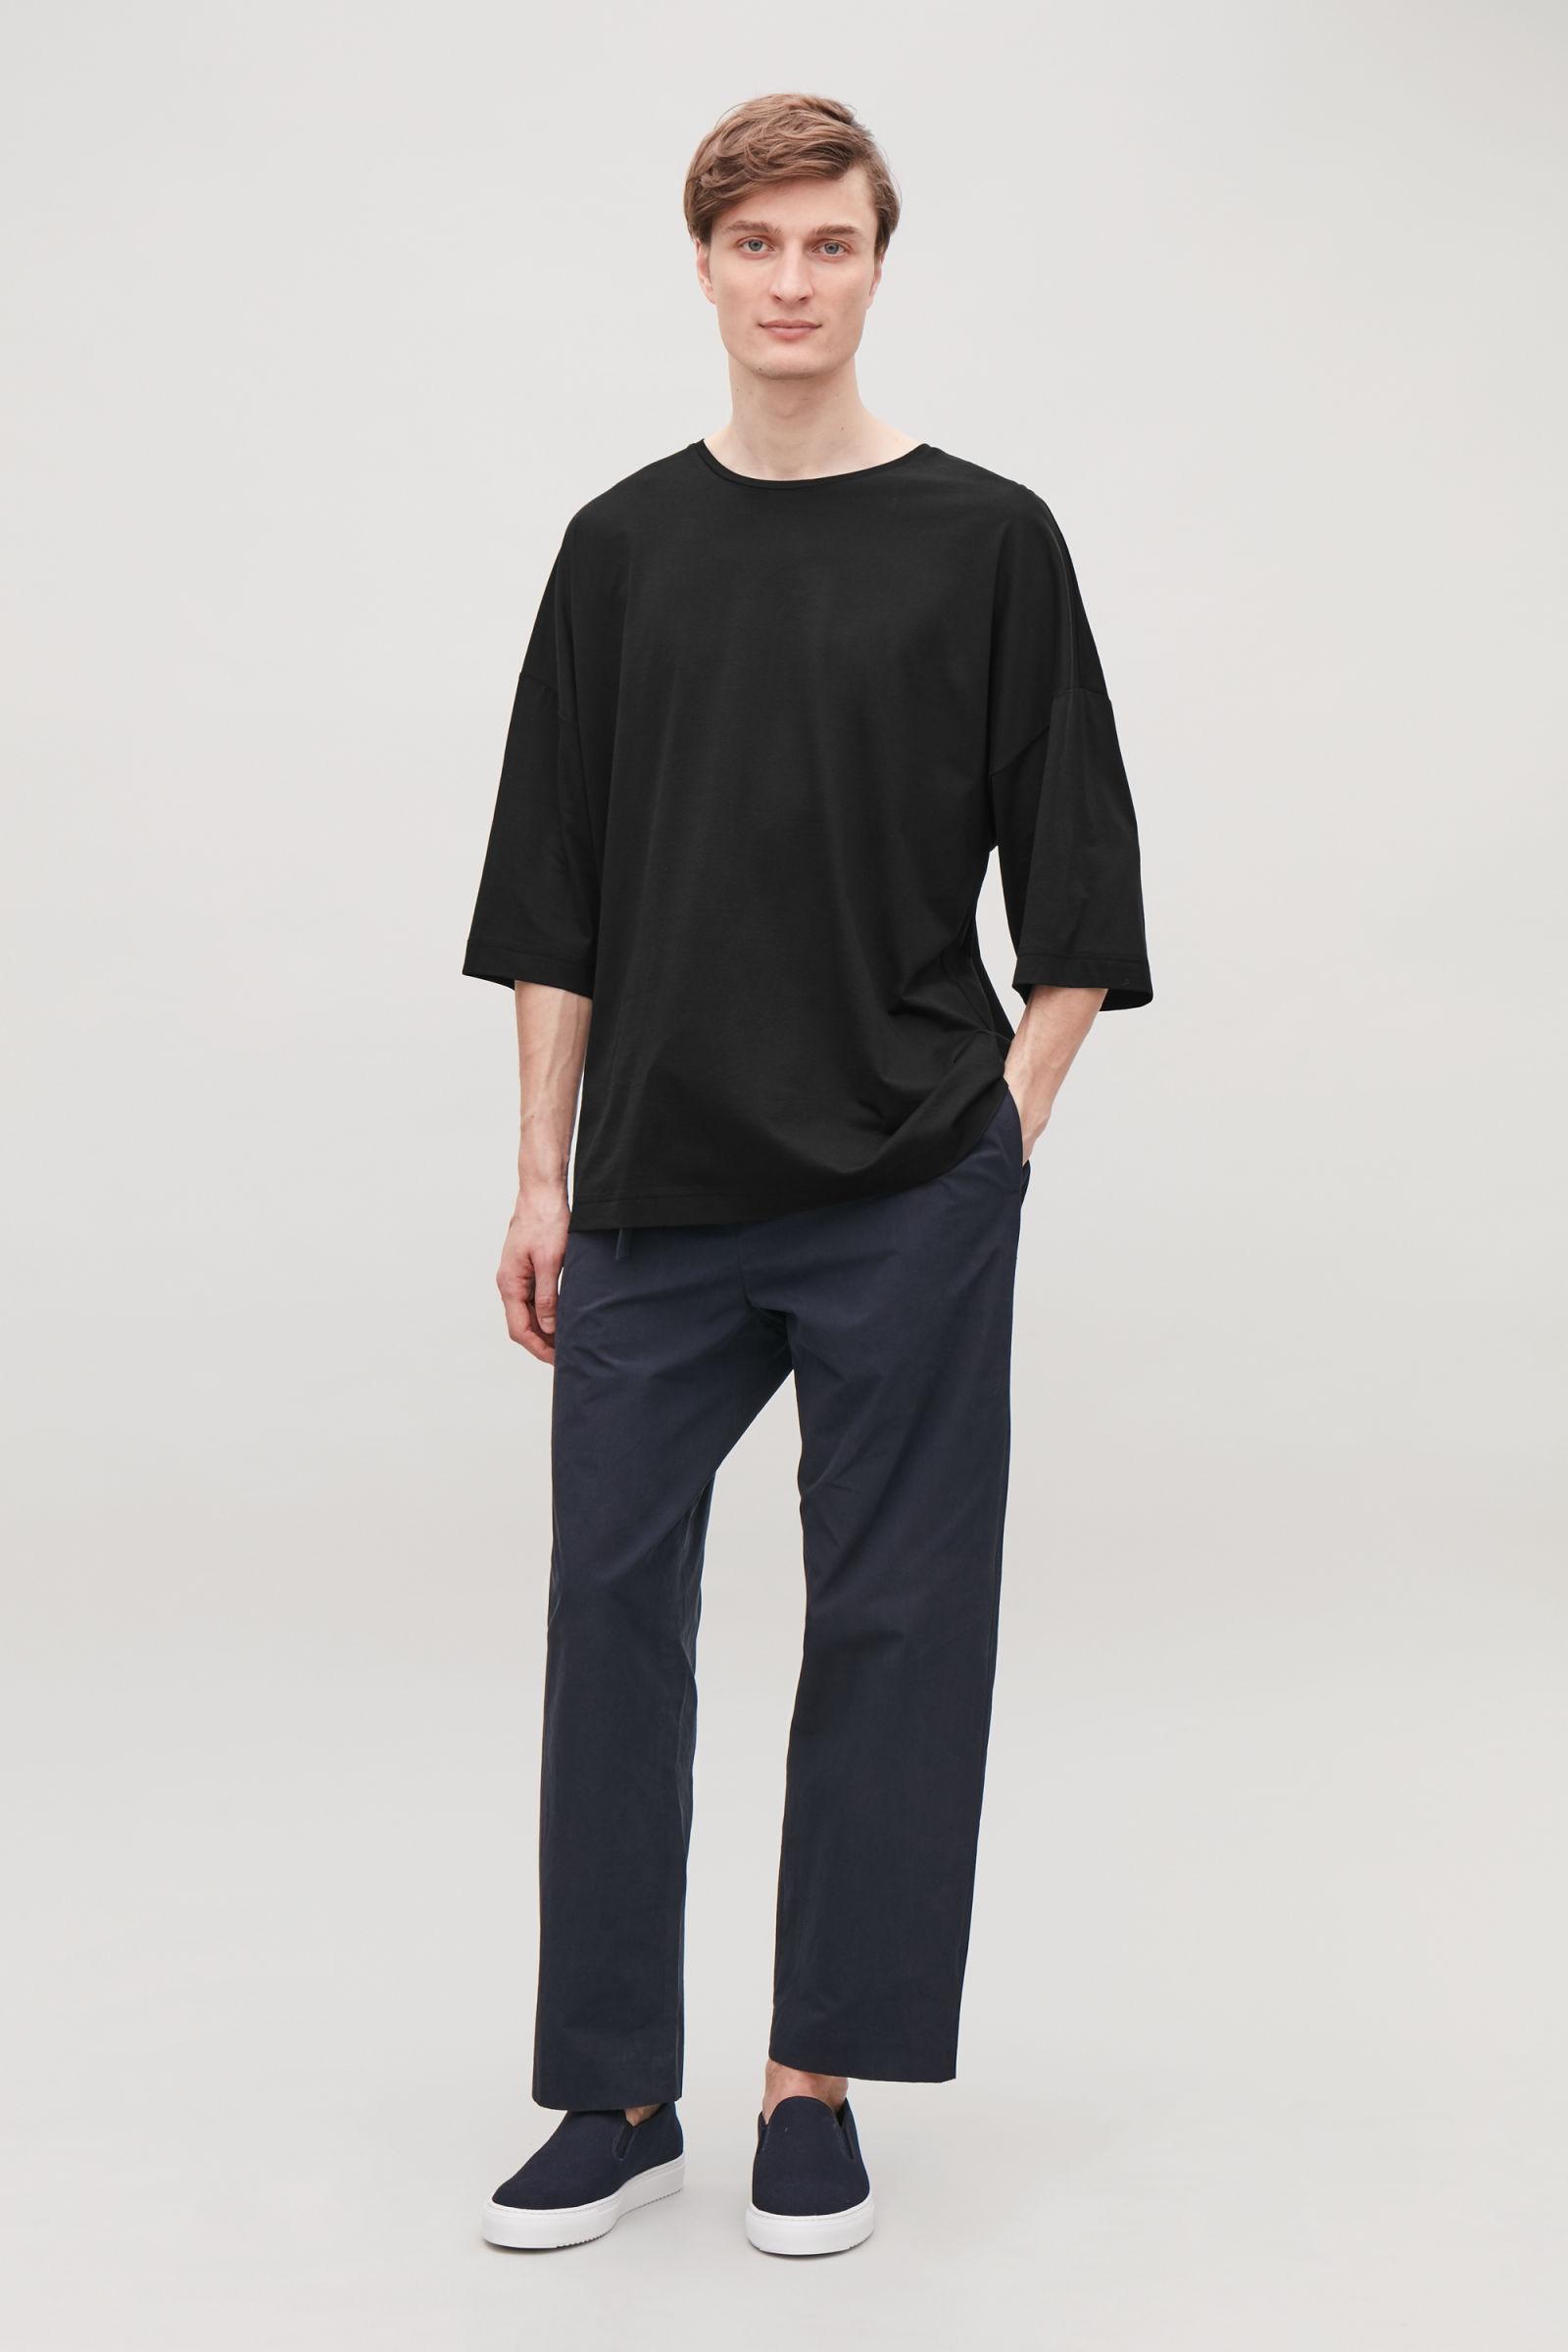 COS(コス) メンズTシャツ